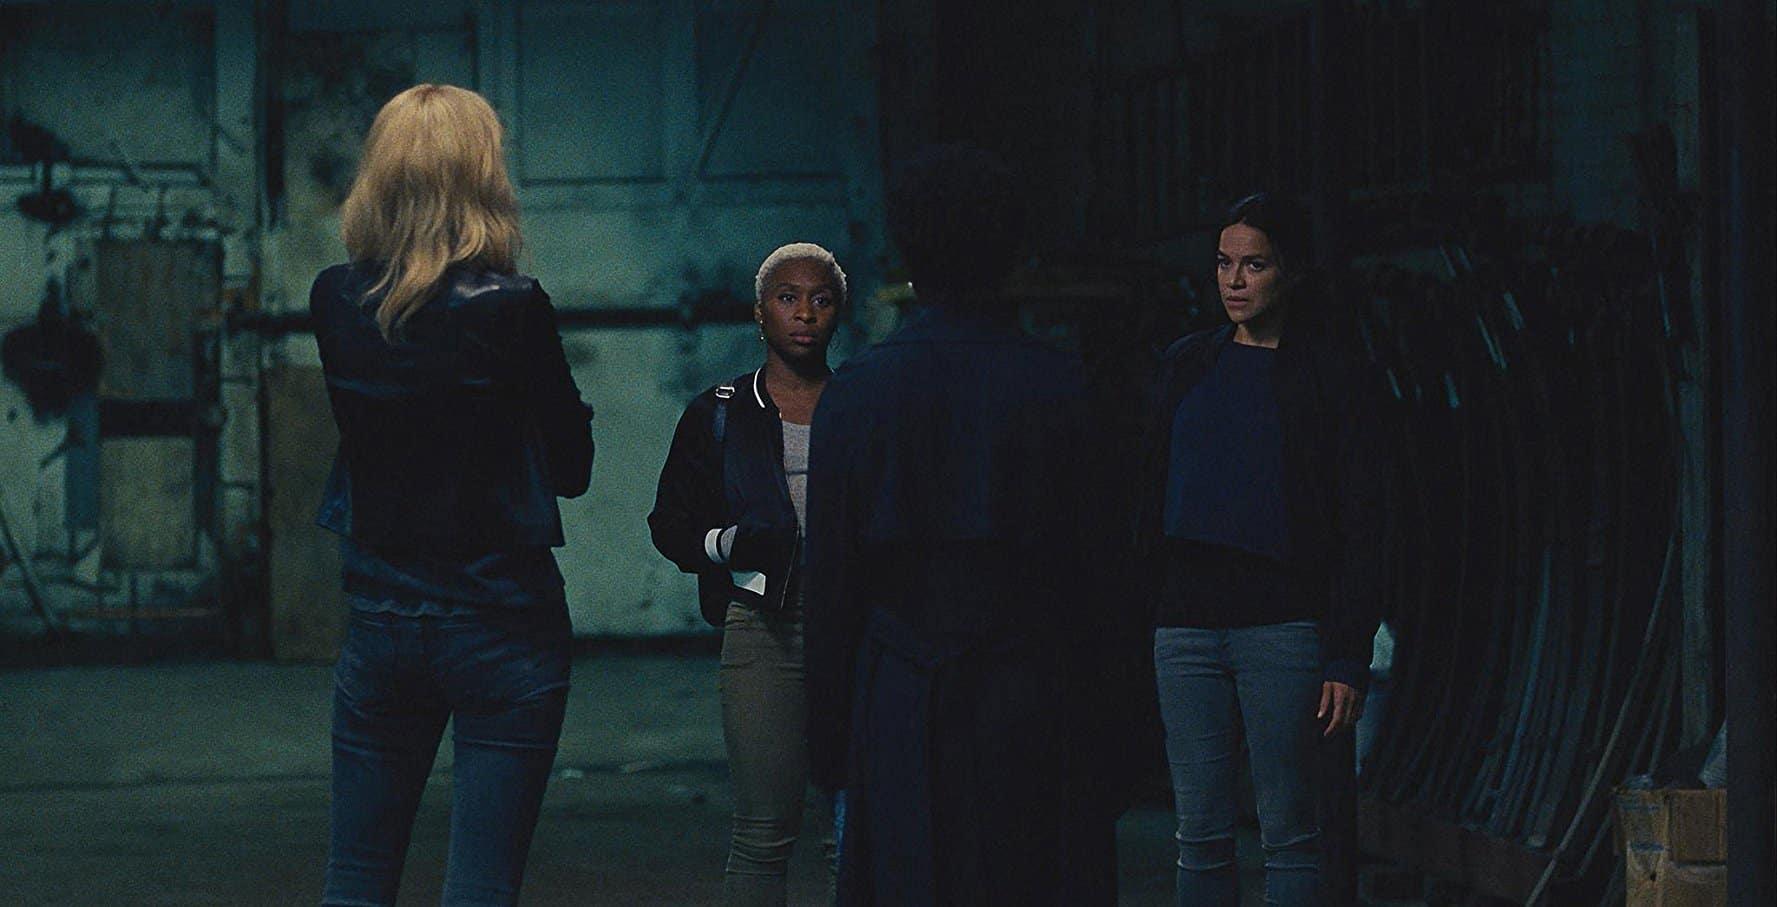 La anticipada Widows de Steve McQueen debuta primer tráiler con maravilloso elenco